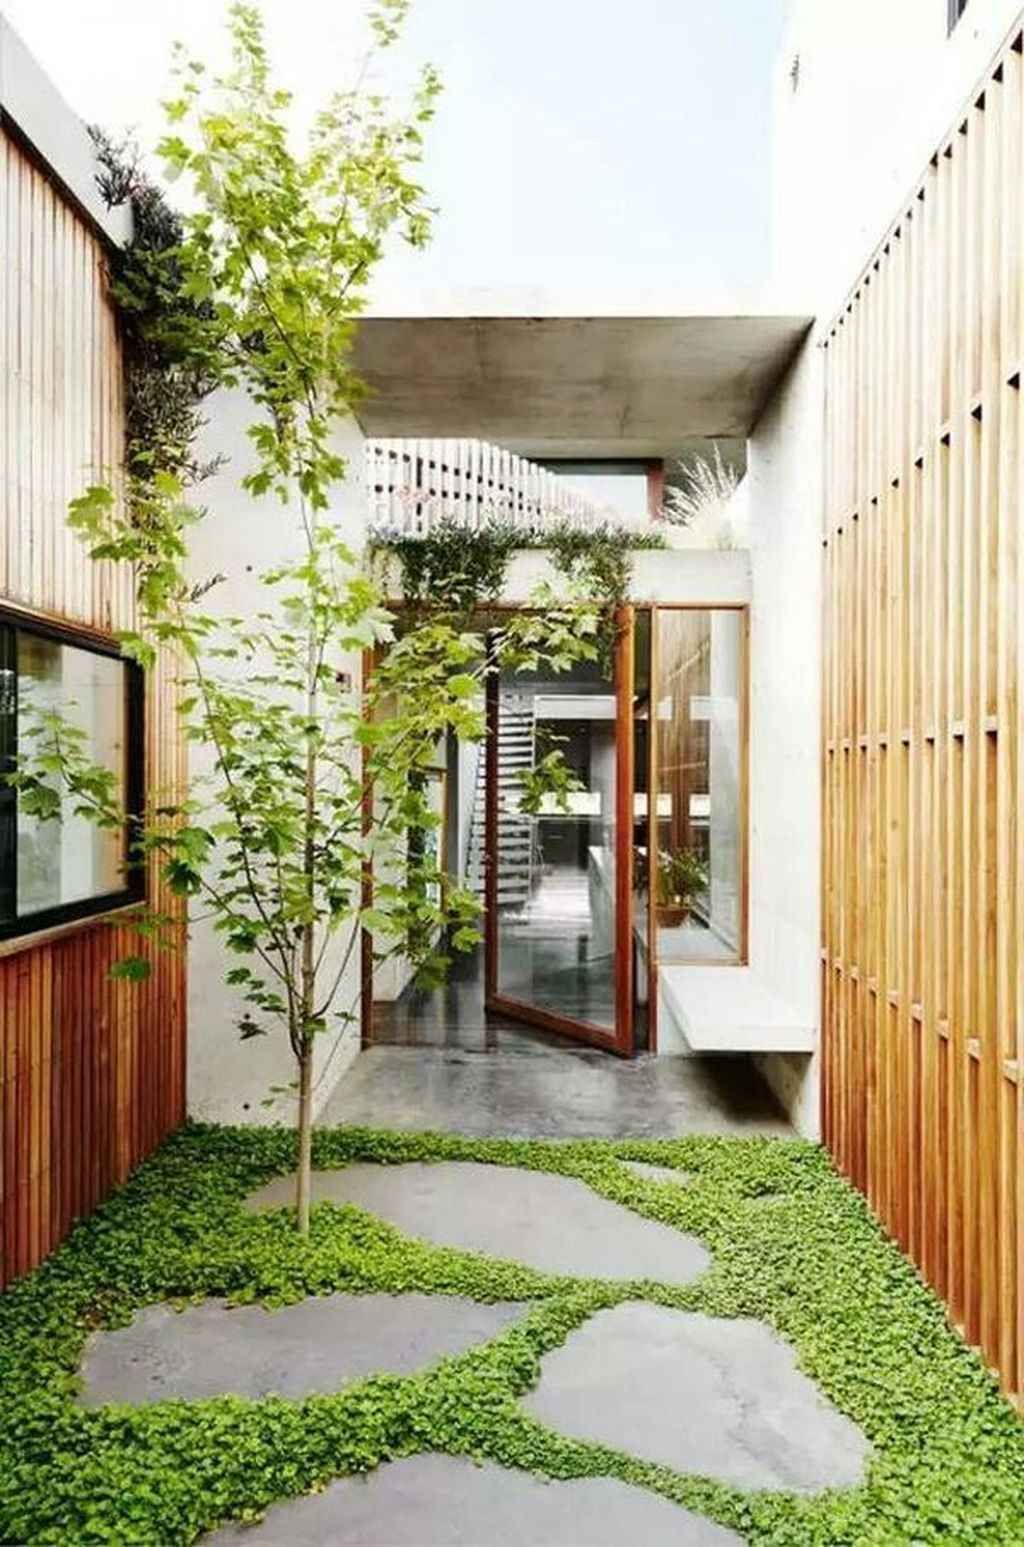 20 Inspiring Small Courtyard Garden Design Ideas   Courtyard ...